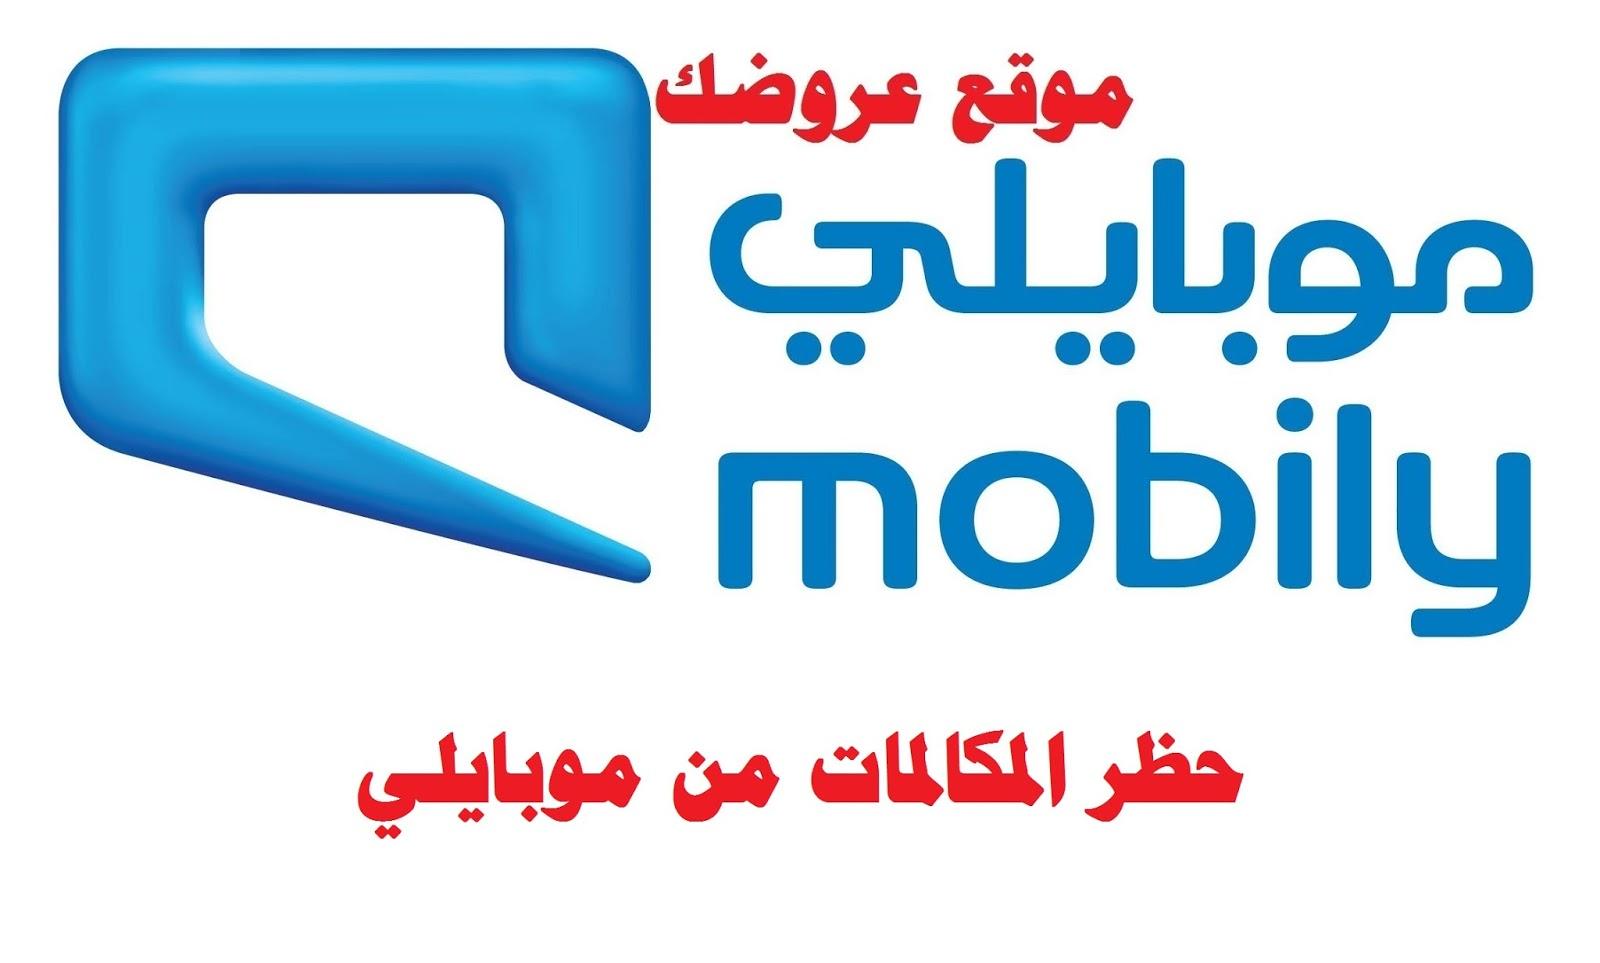 طريقة تفعيل وإلغاء خدمة حظر المكالمات من موبايلي 2019